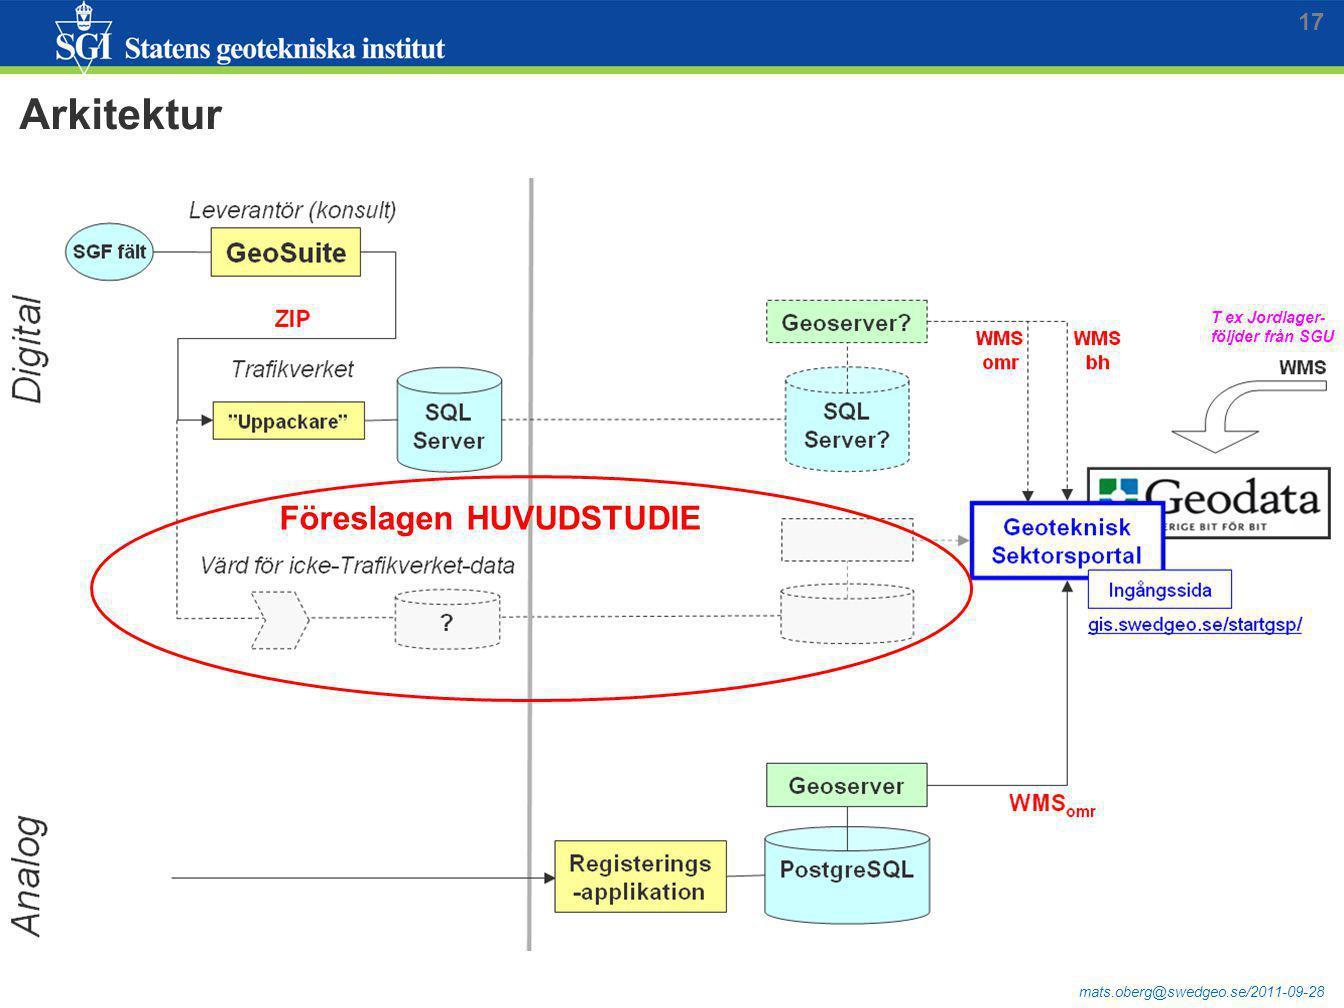 mats.oberg@swedgeo.se/2011-09-28 17 Arkitektur T ex Jordlager- följder från SGU Föreslagen HUVUDSTUDIE